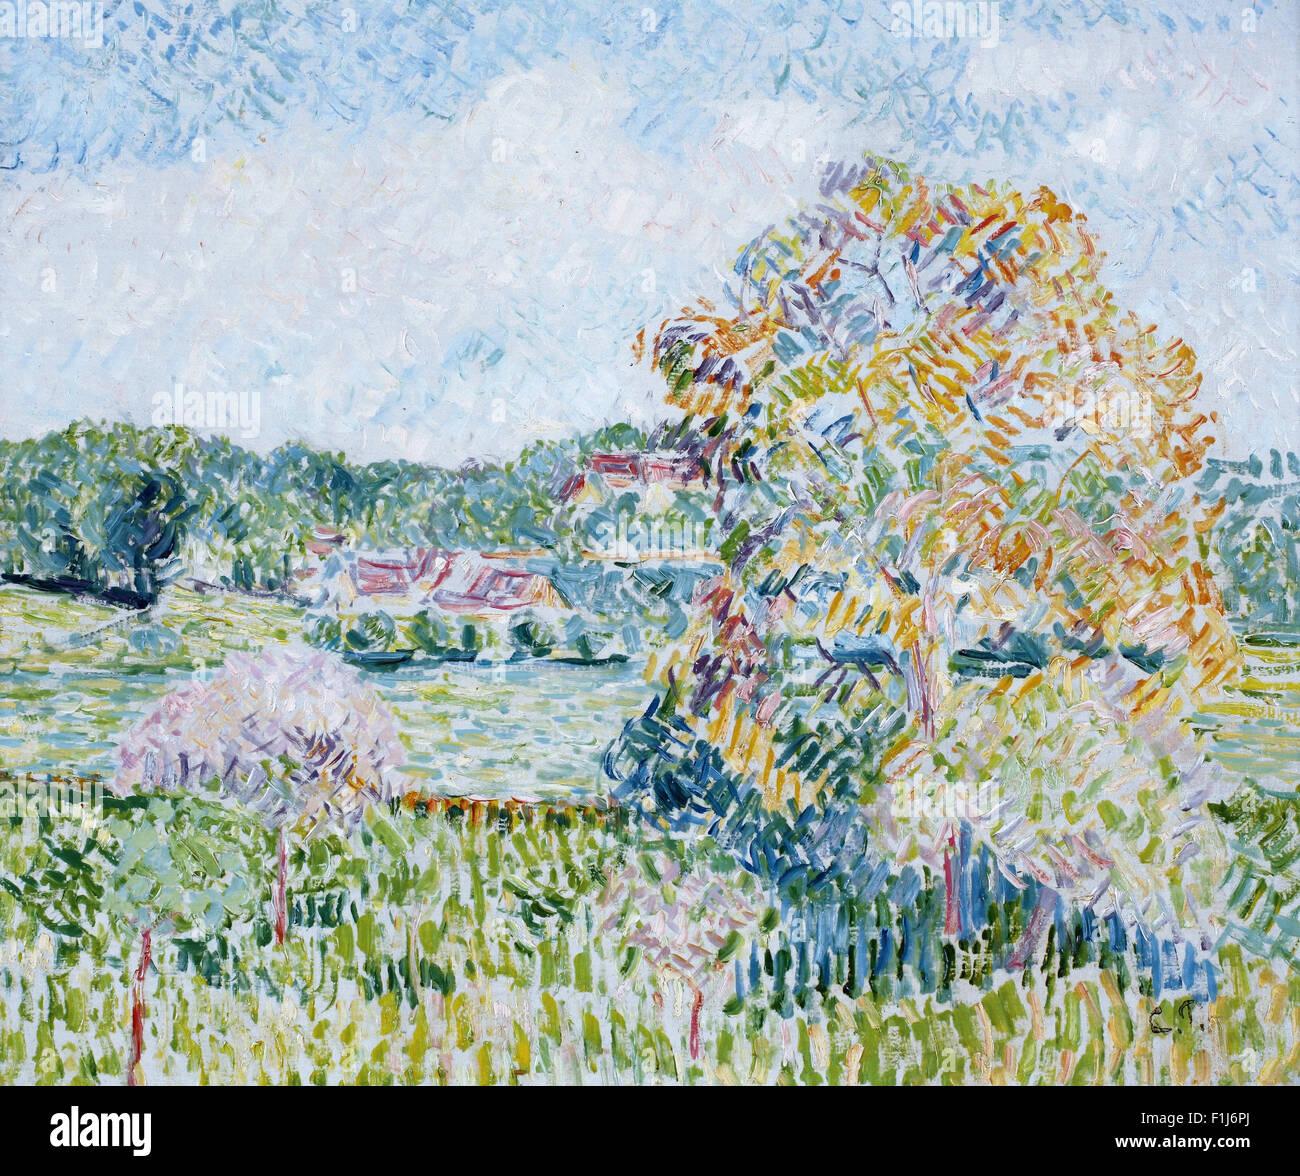 Camille Pissarro - Le Grand Noyer à Eragny, Automne - Stock Image